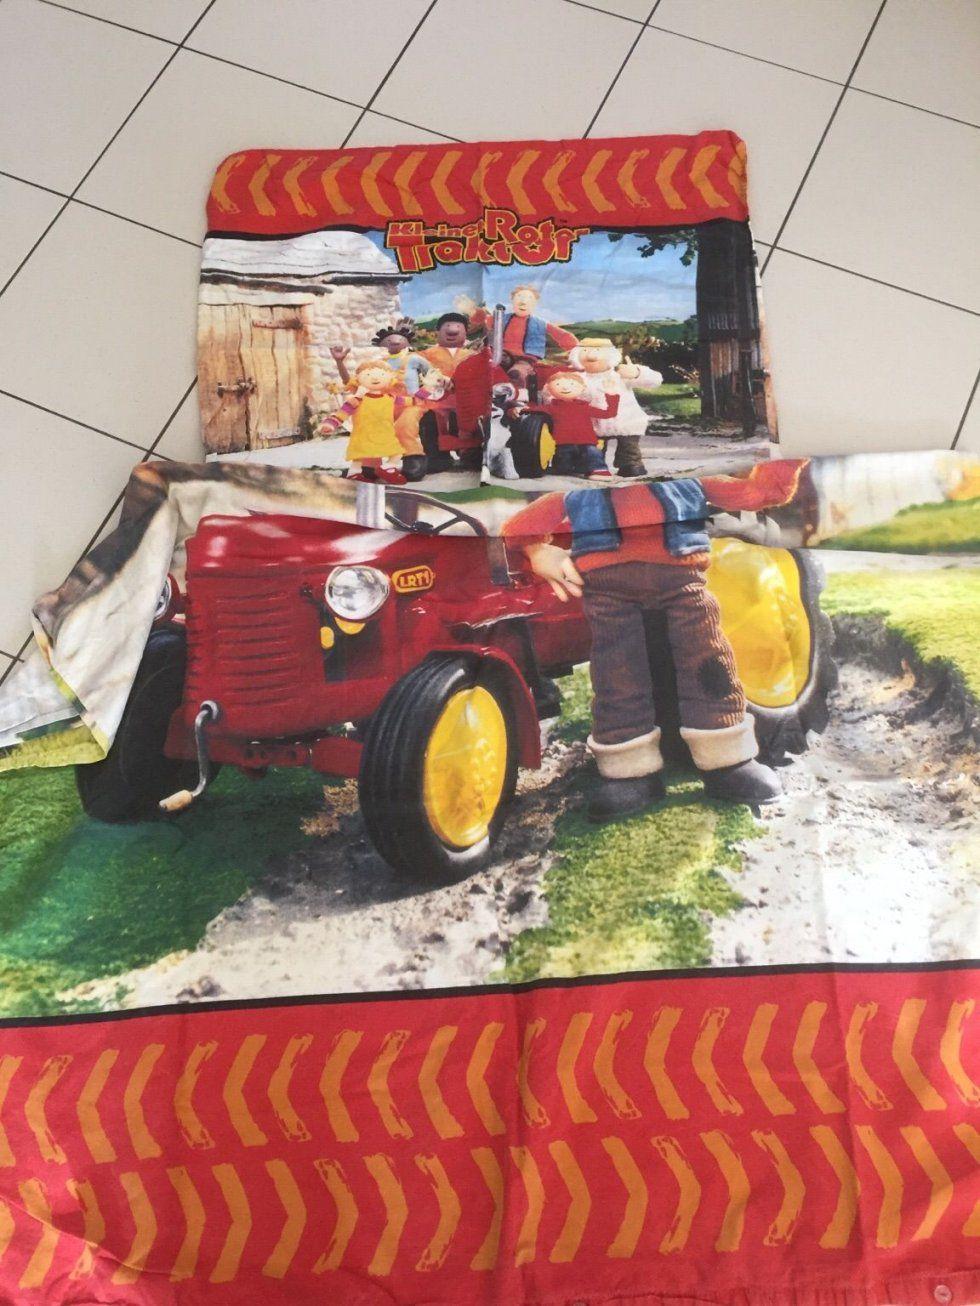 Gebraucht Bettwsche Kleiner Roter Traktor In 4060 Leonding Um von Kleiner Roter Traktor